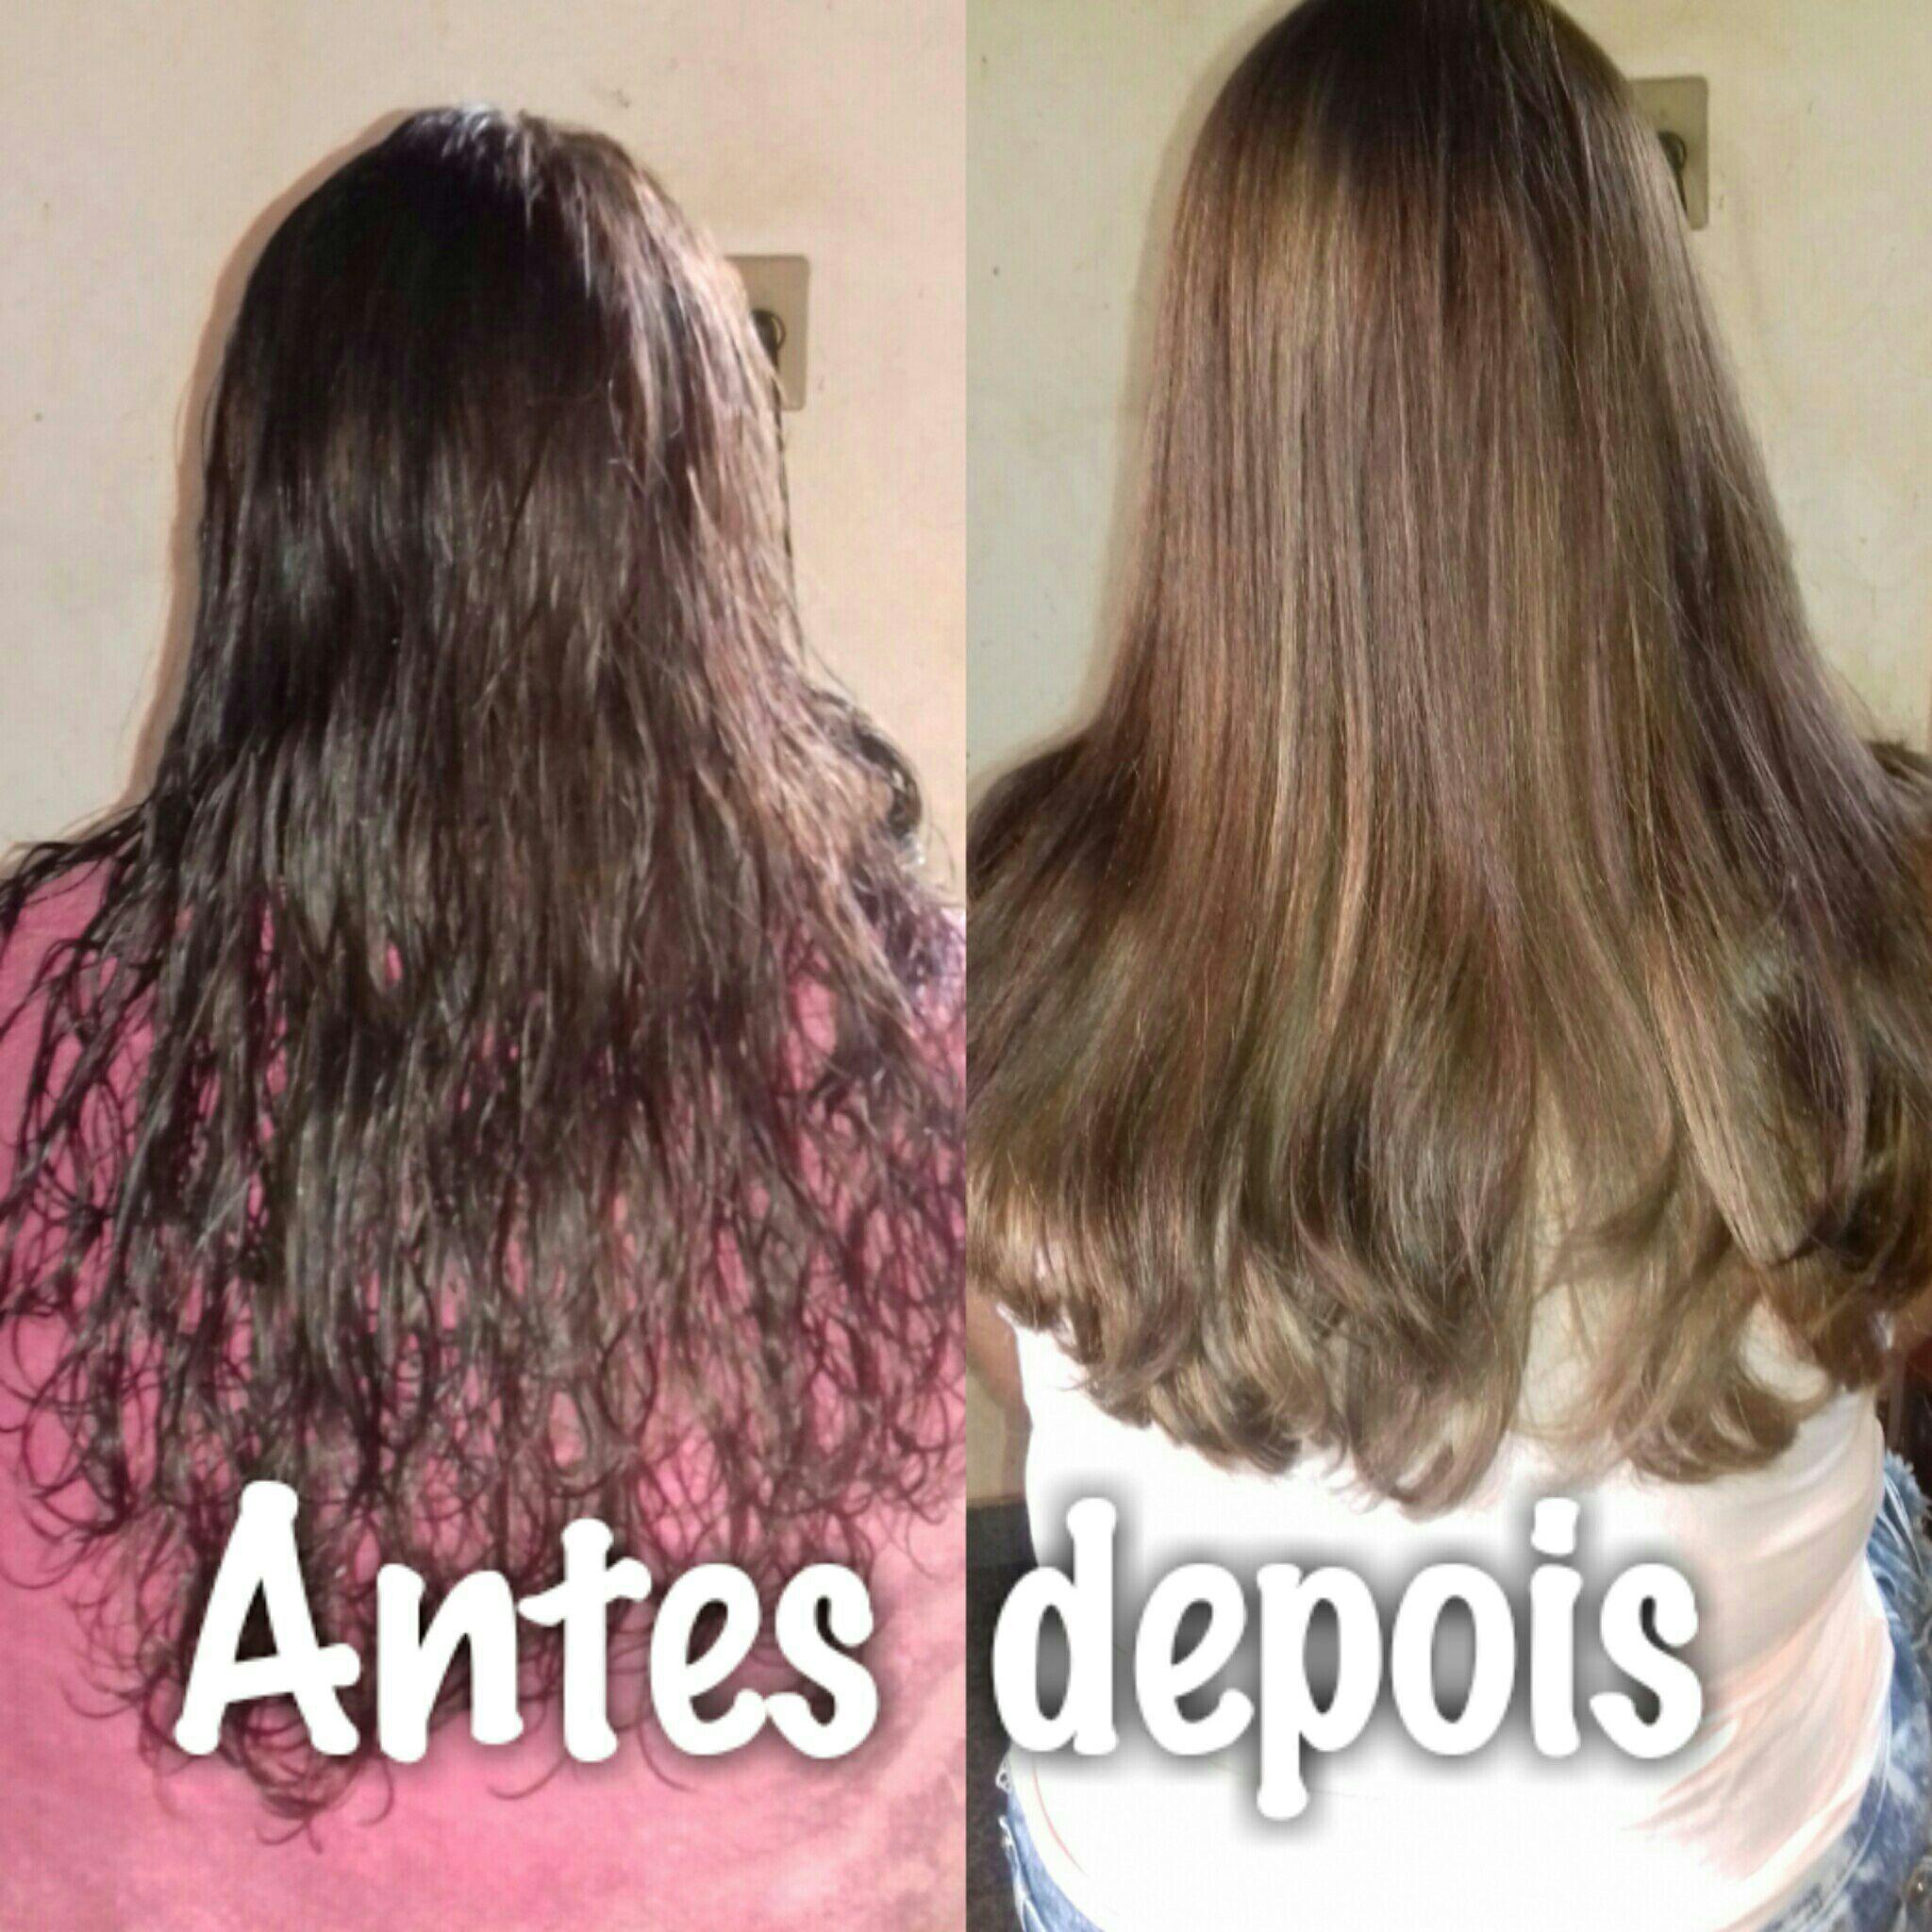 Escova outros cabeleireiro(a) escovista escovista escovista cabeleireiro(a) assistente esteticista barbeiro(a)